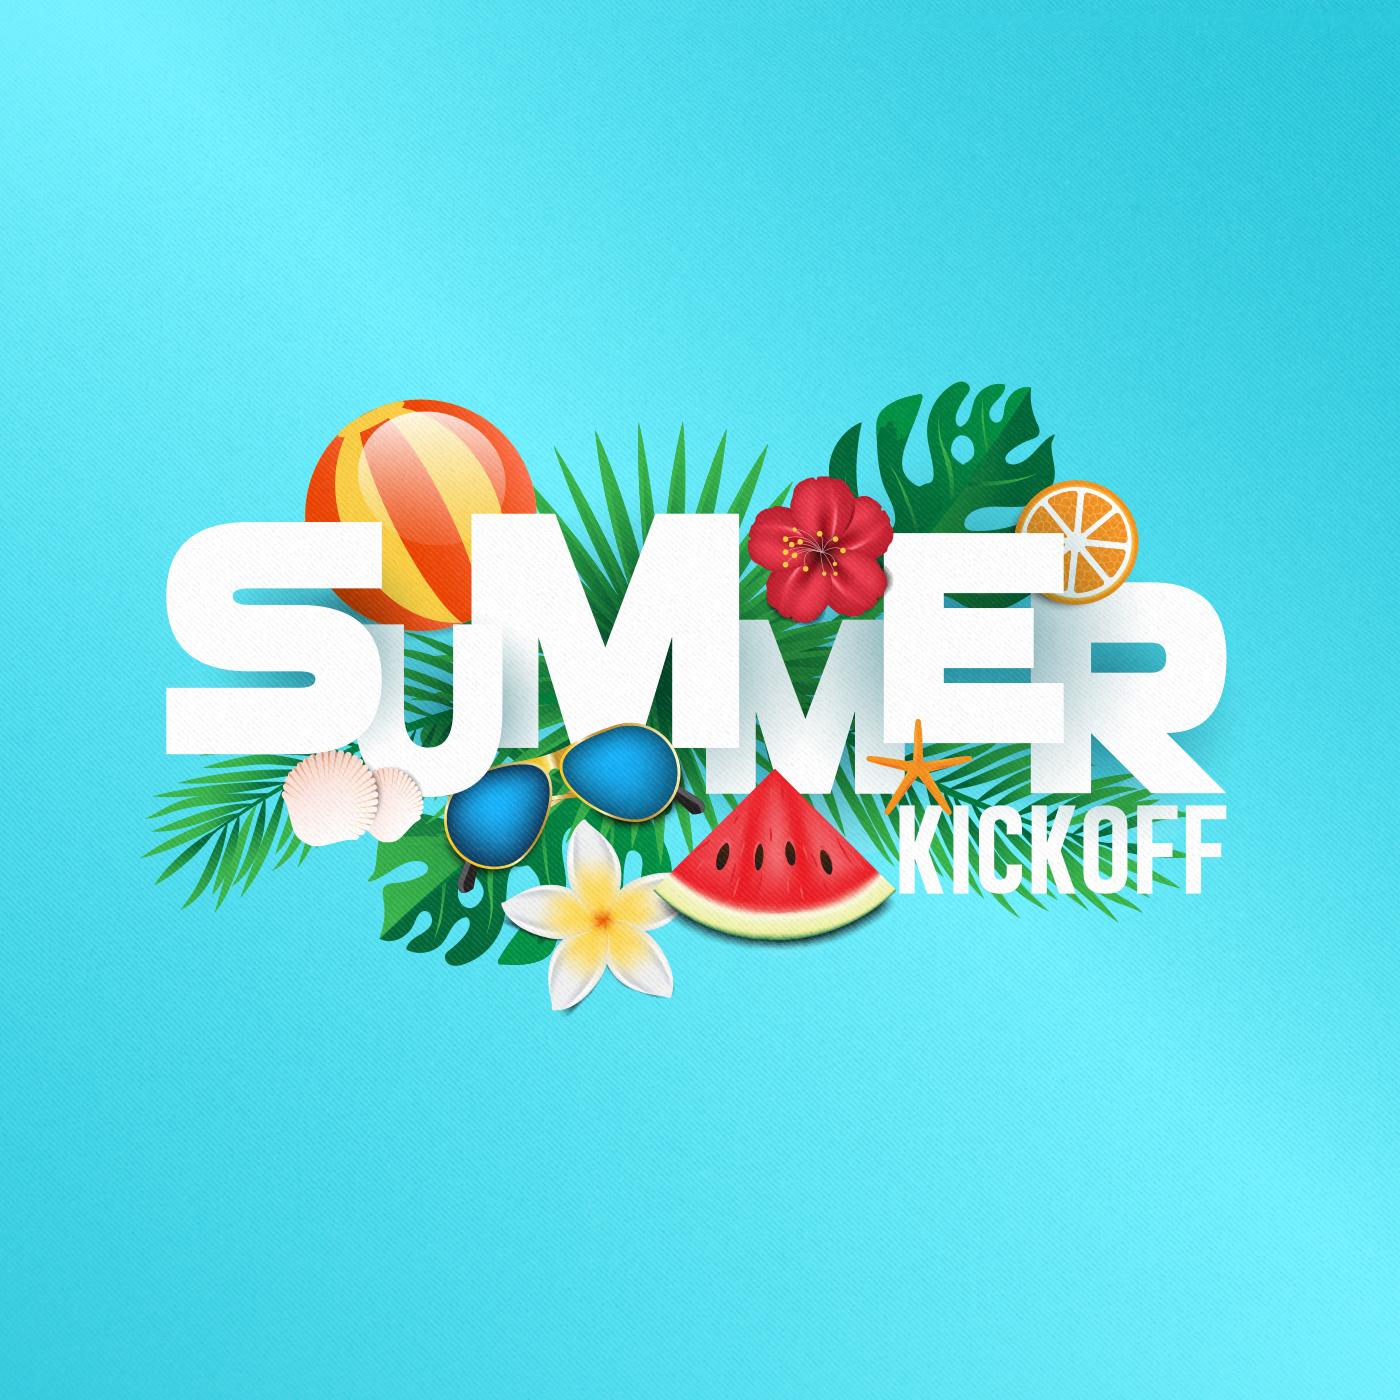 Summer Kickoff Square Image.jpg